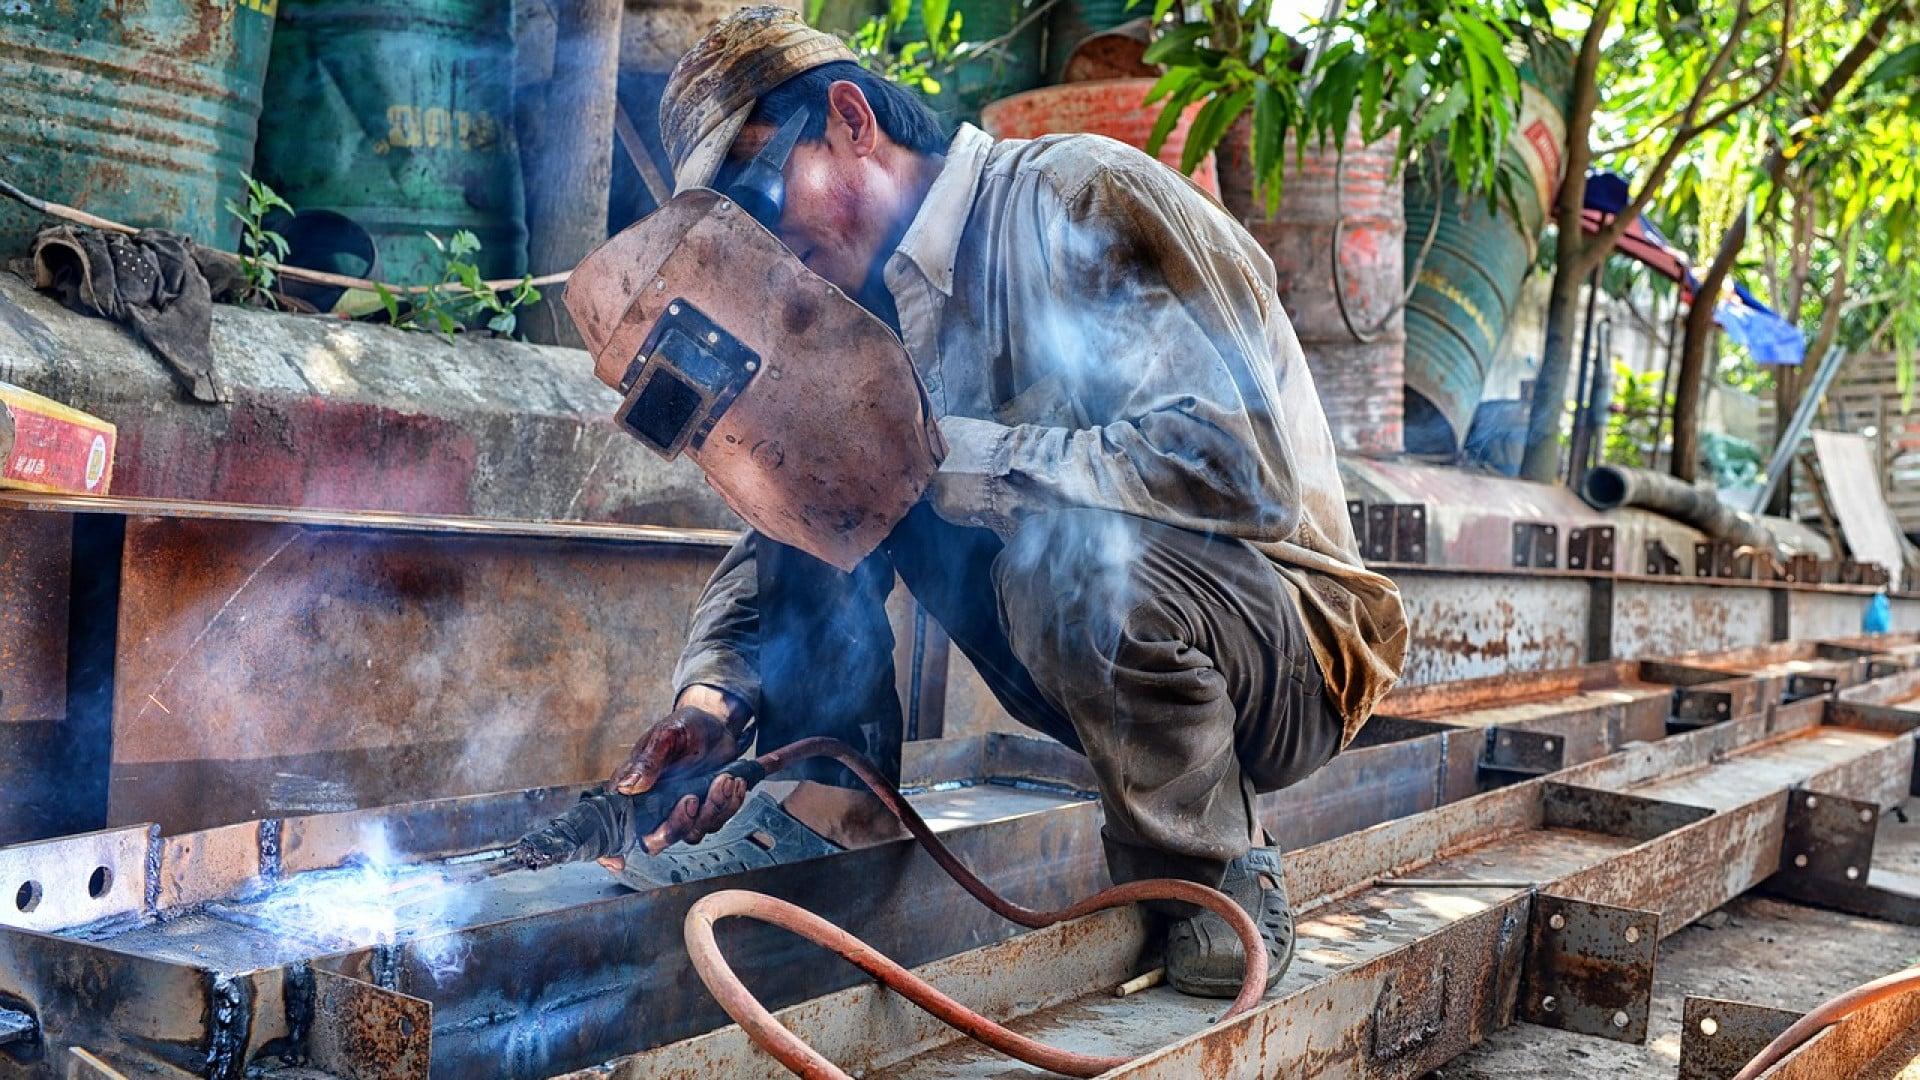 Sécurité au travail : pourquoi suivre une formation